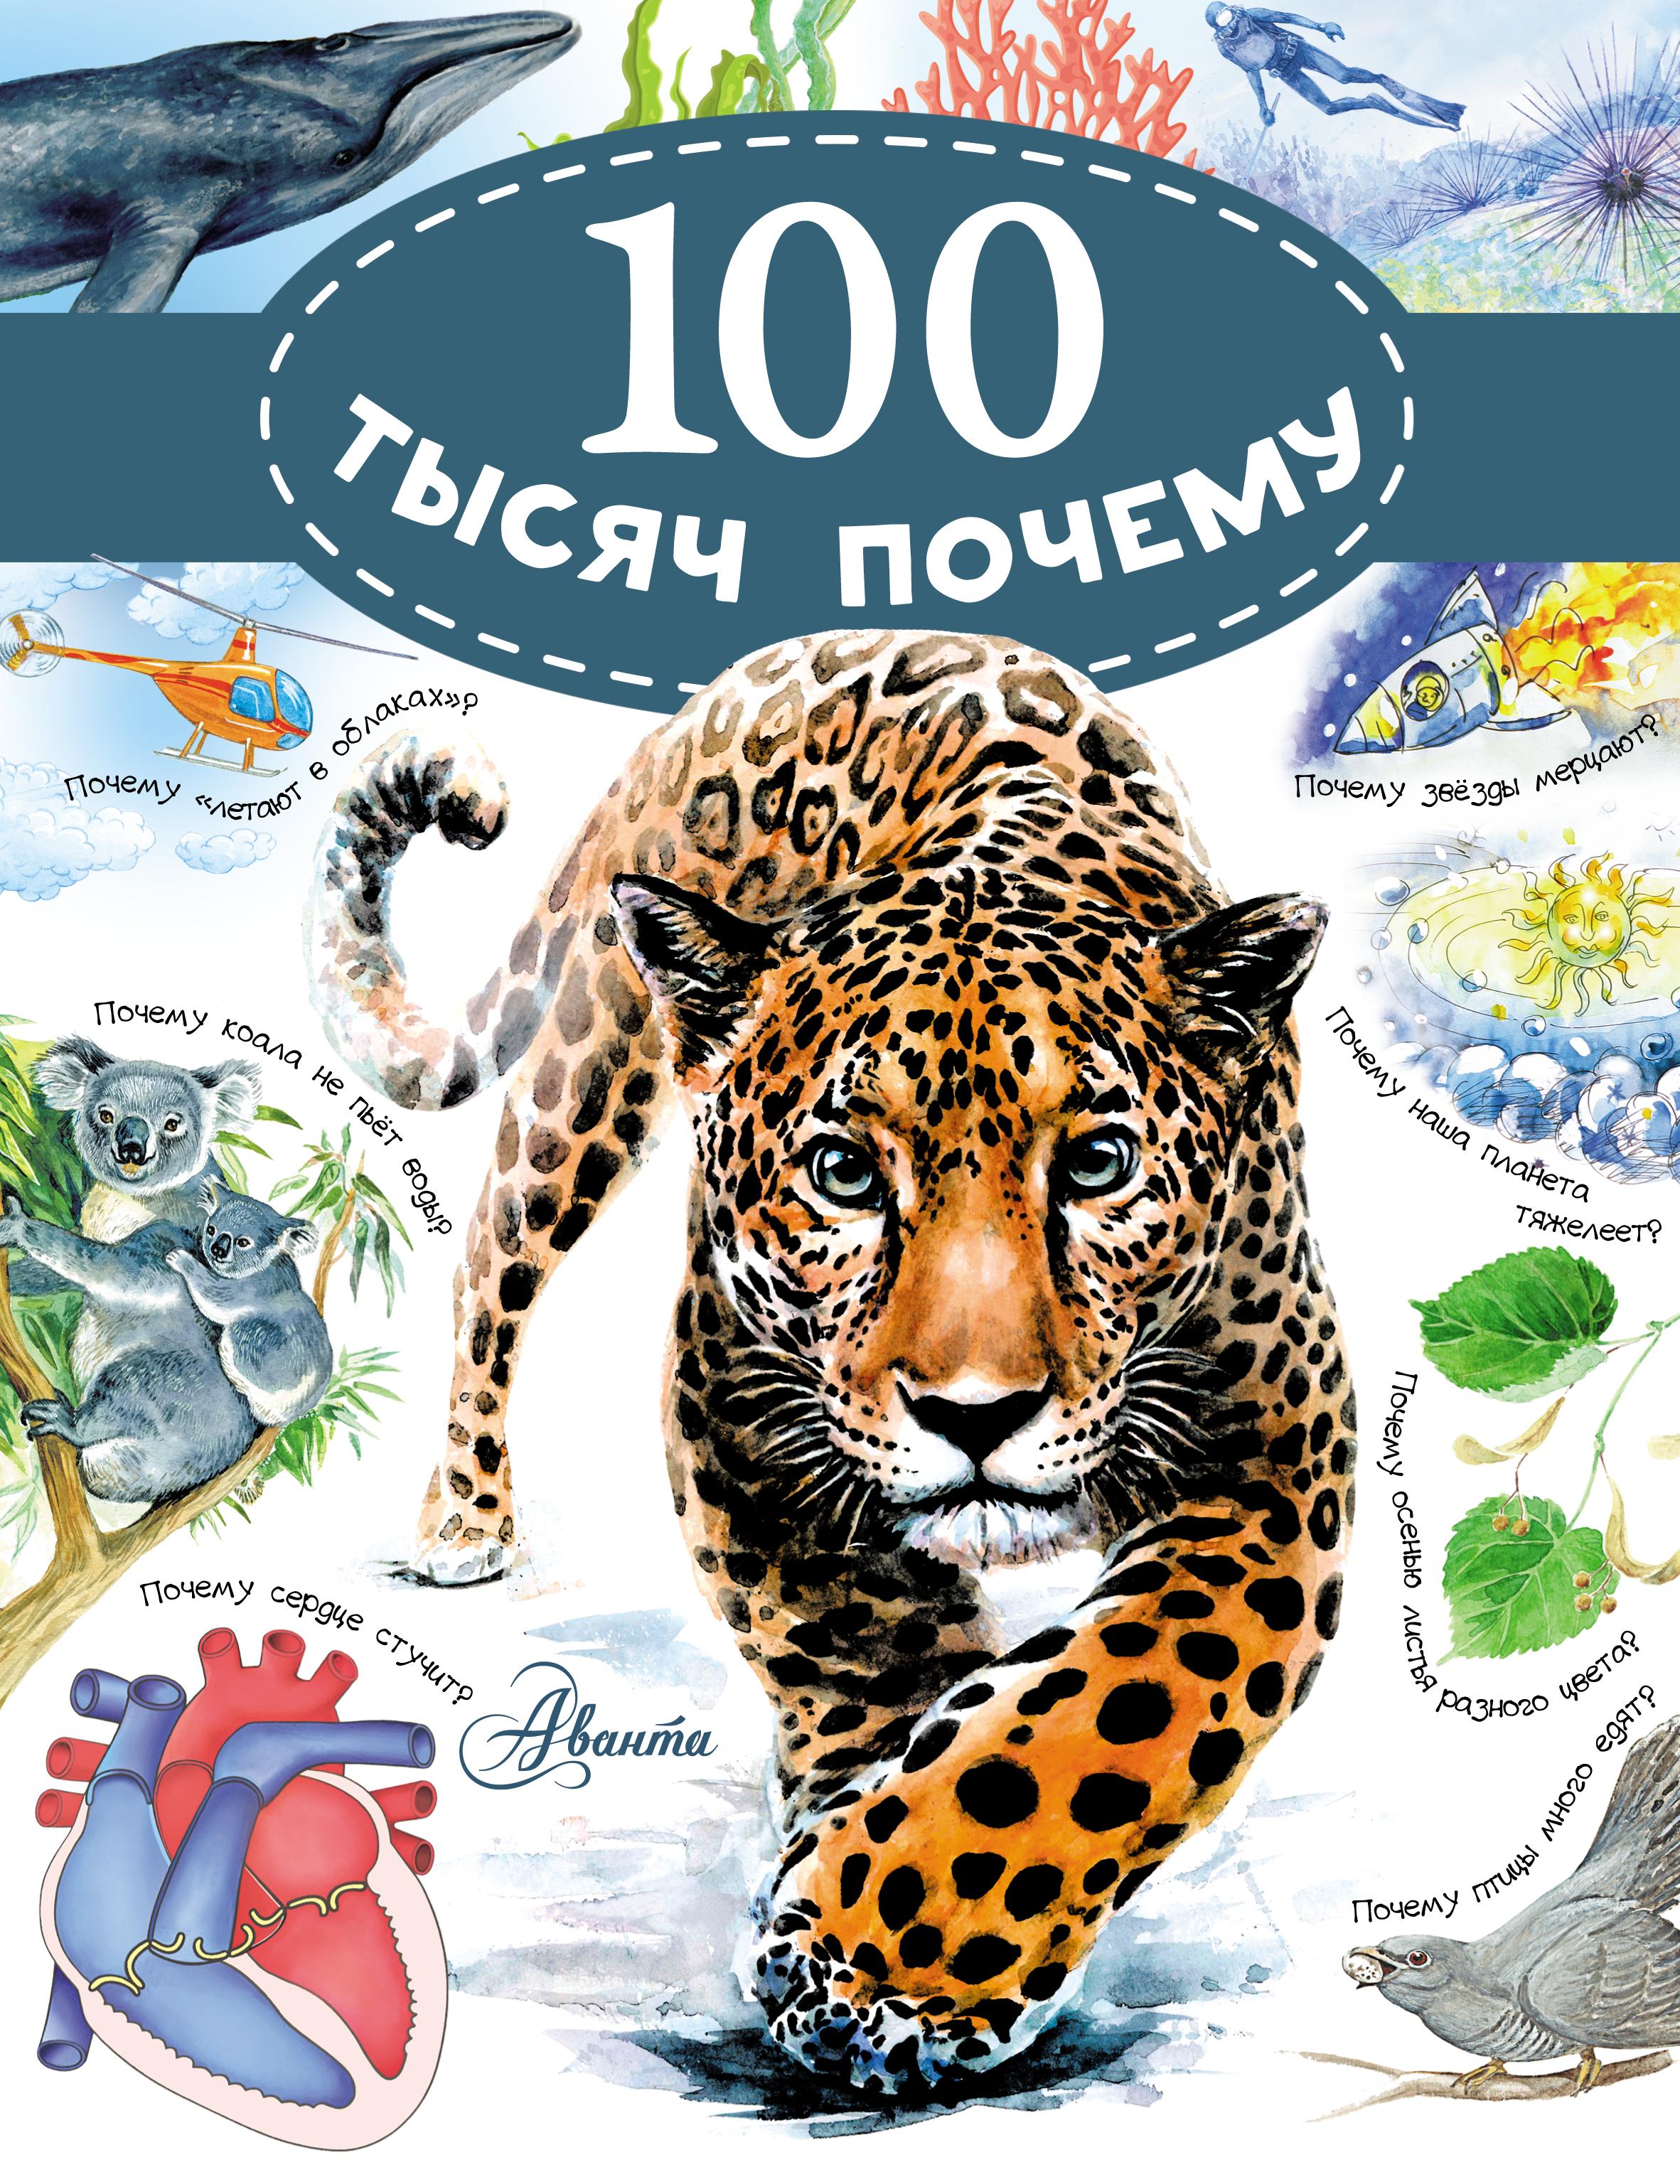 Владимир 100 тысяч почему